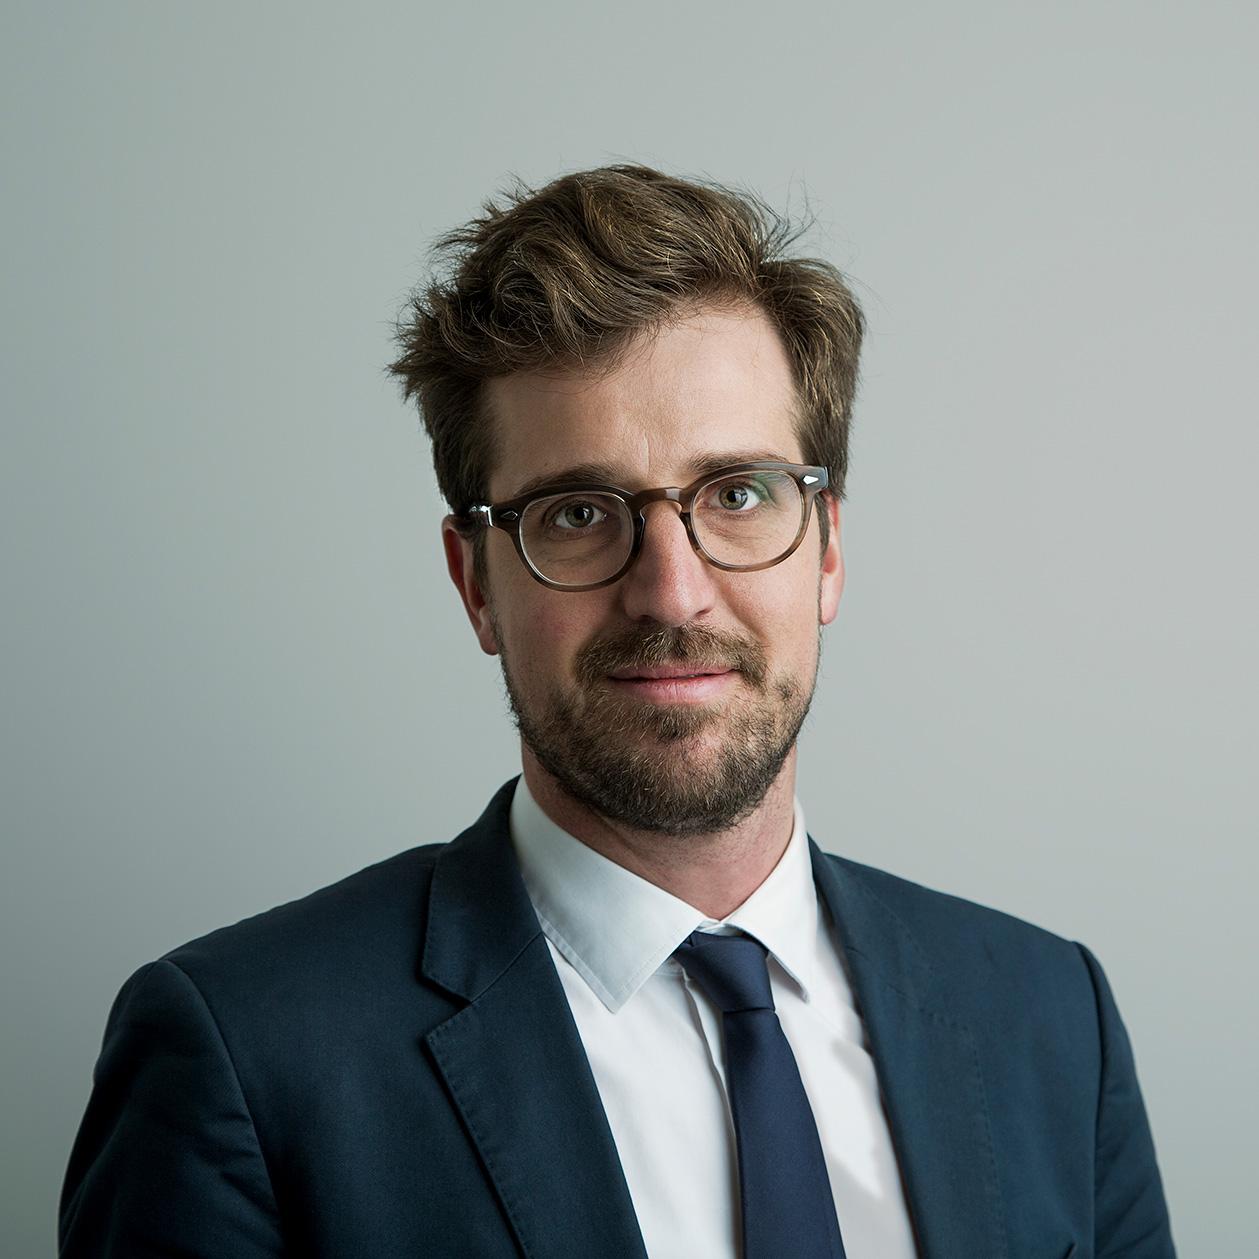 Arnaud Pilloix, Avocat associé | Ellipse Avocats Avocats spécialisés en Droit du Travail et des Relations Sociales